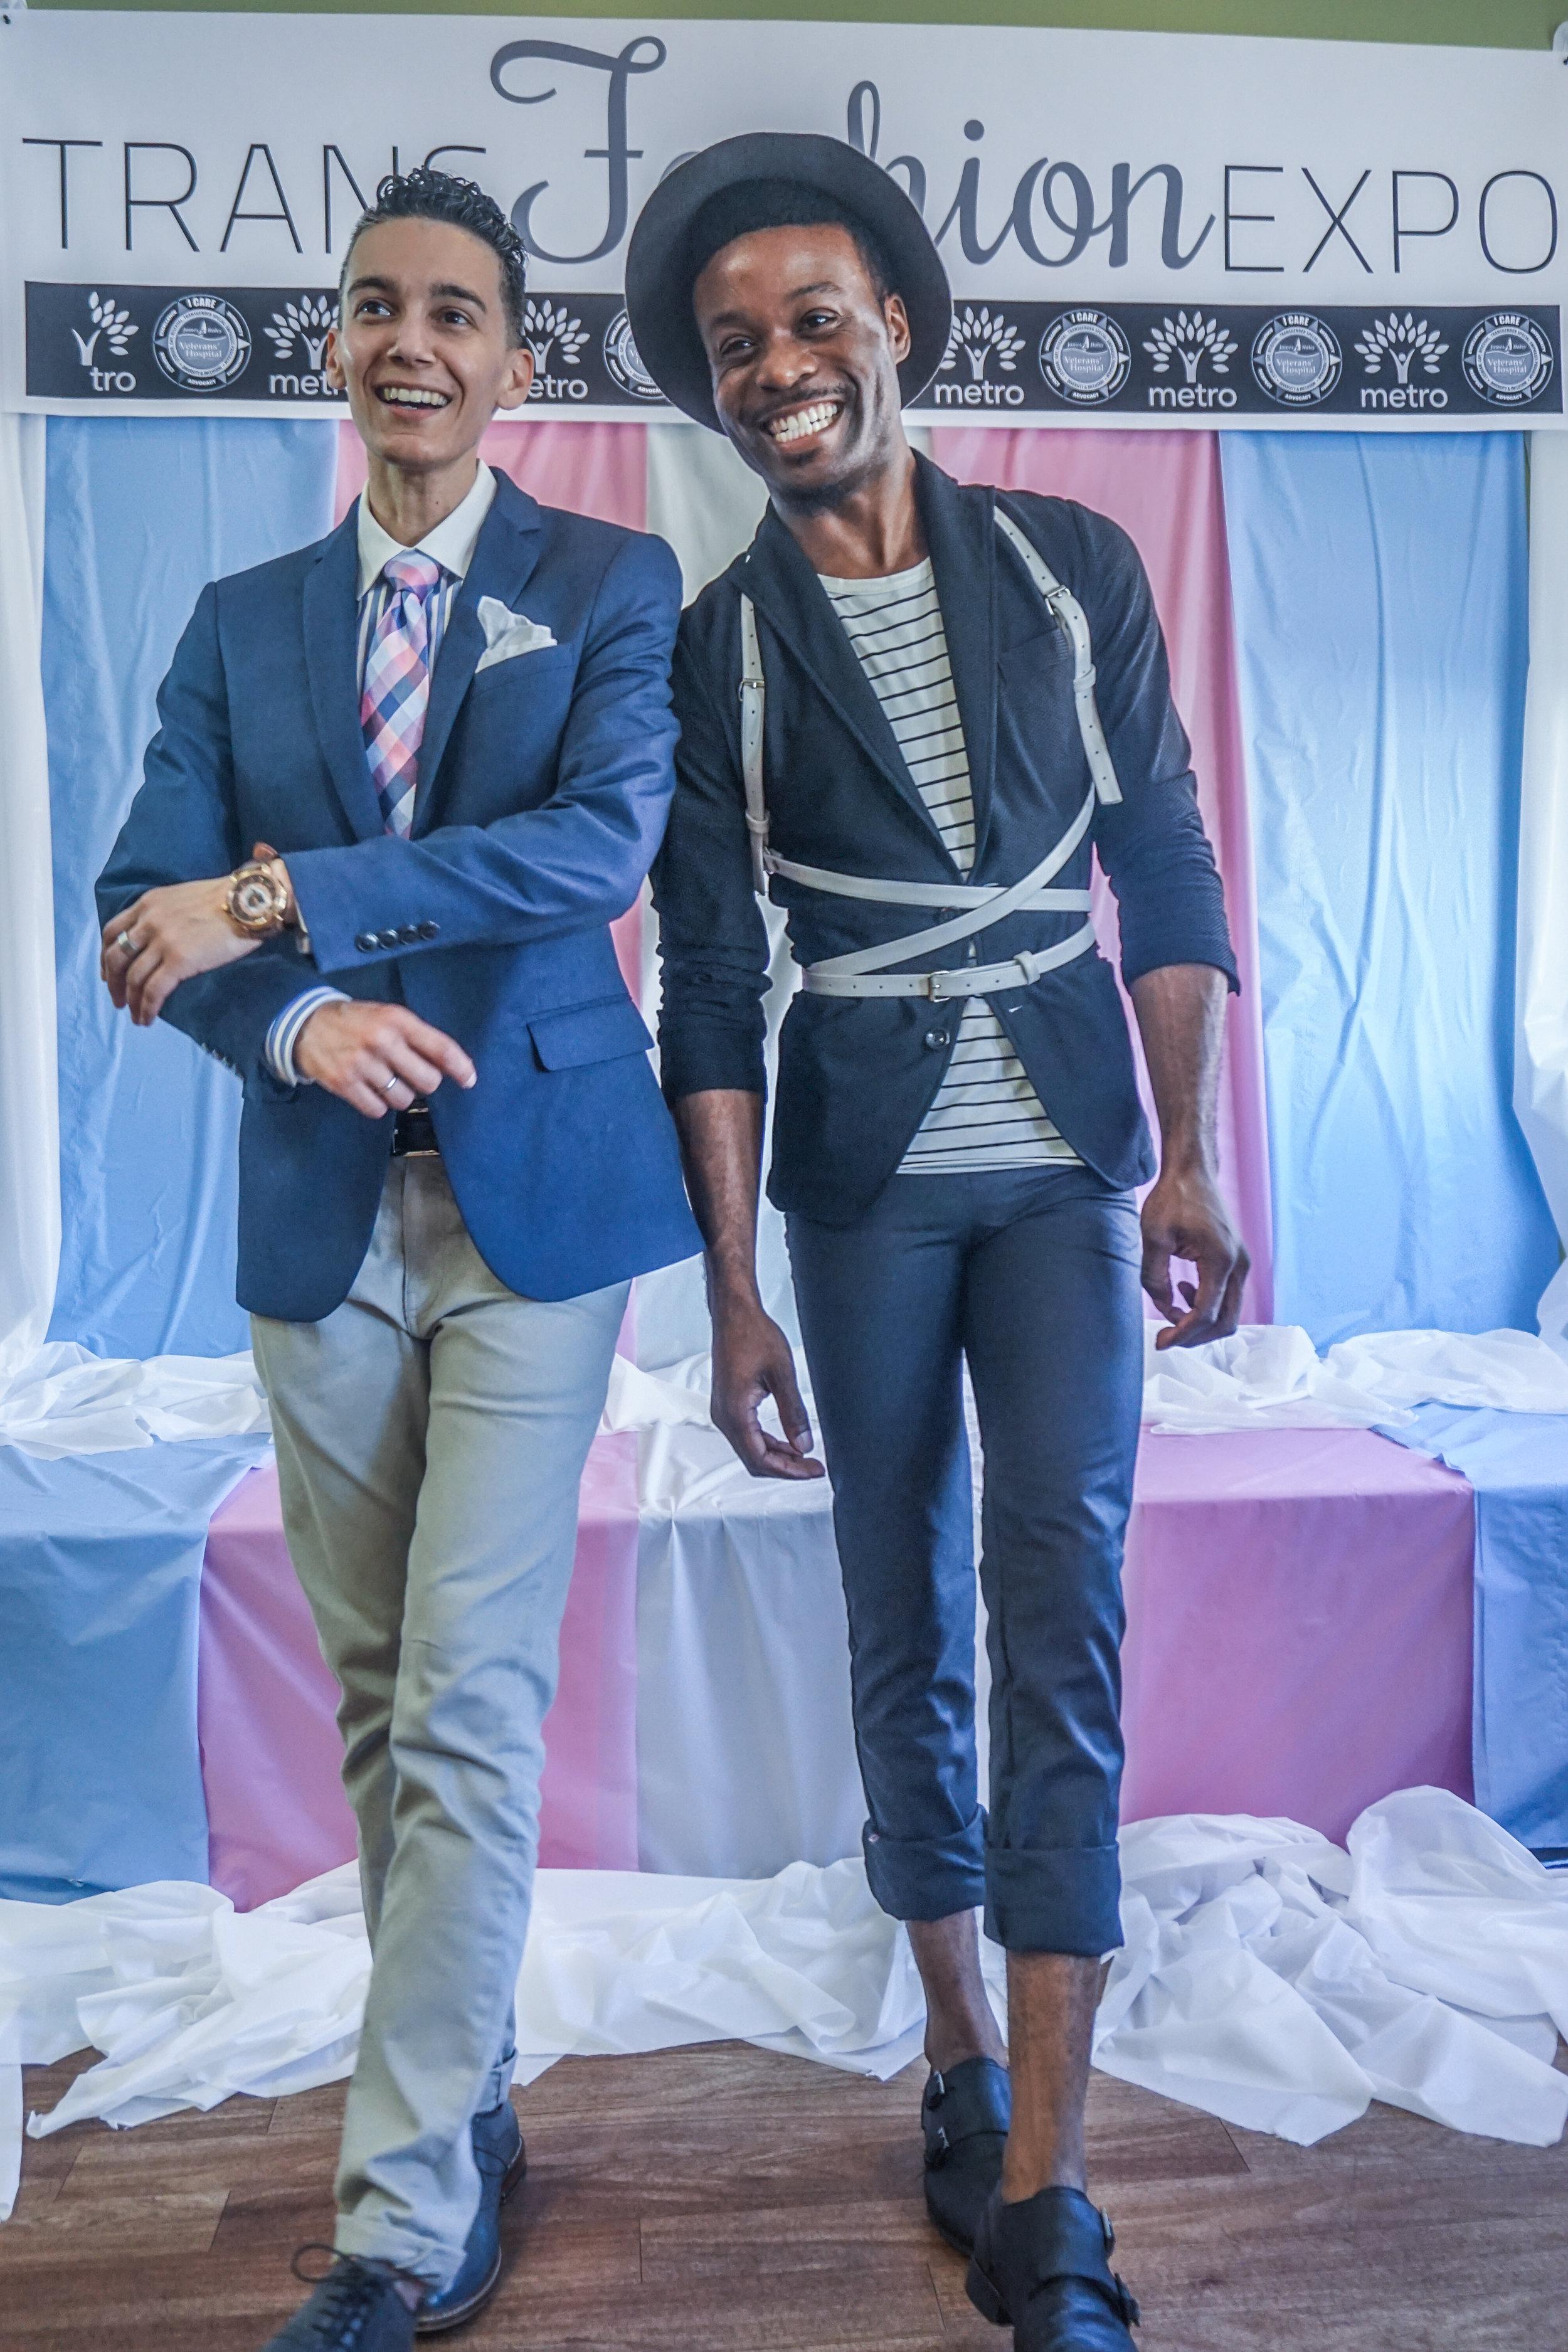 Trans Fashion Expo-6.jpg